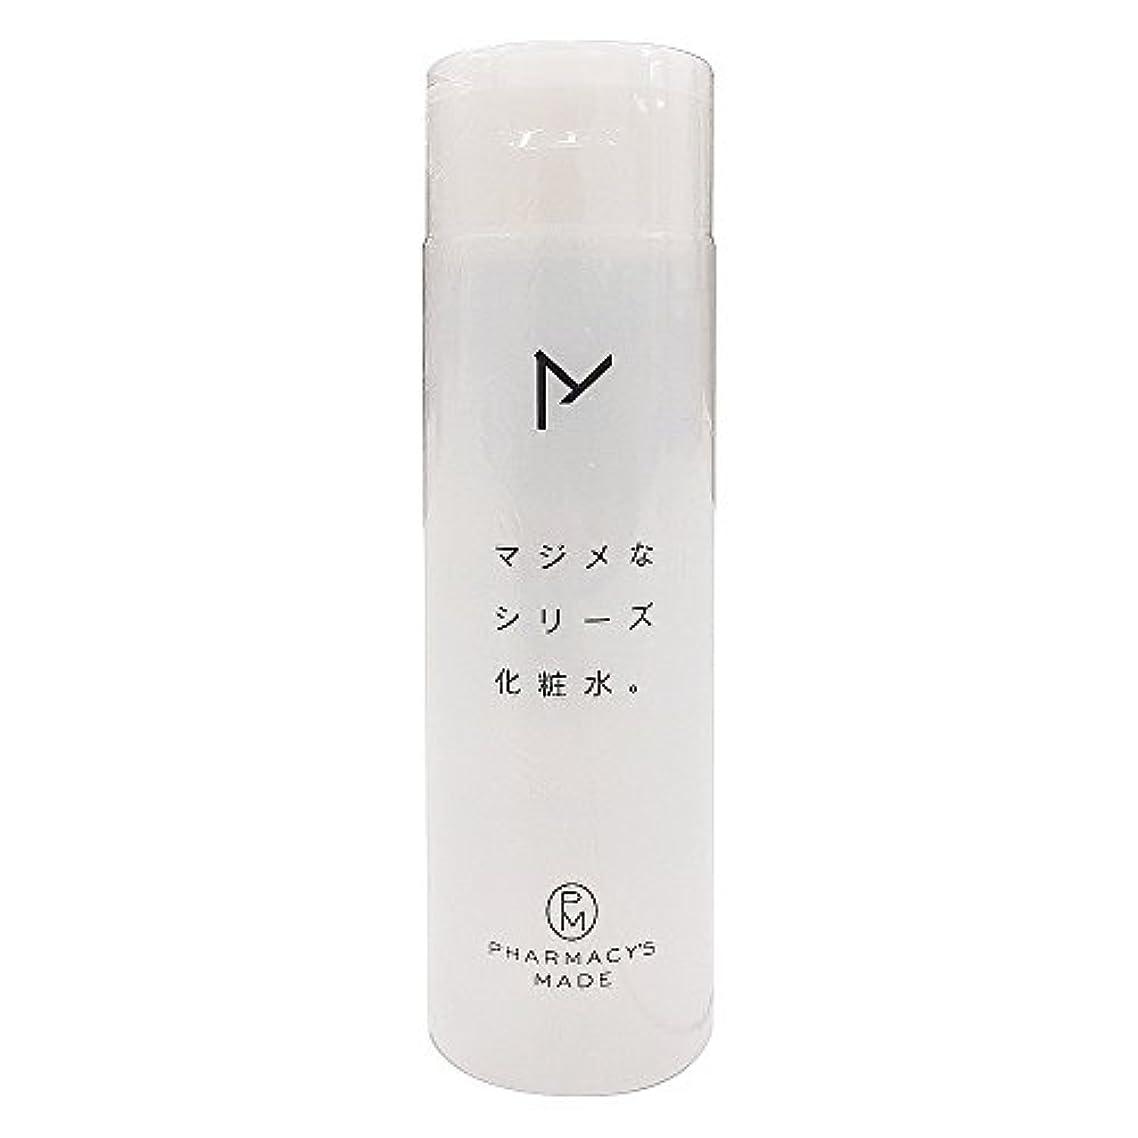 文言認める争う水橋保寿堂製薬 マジメなシリーズ化粧水。 200ml